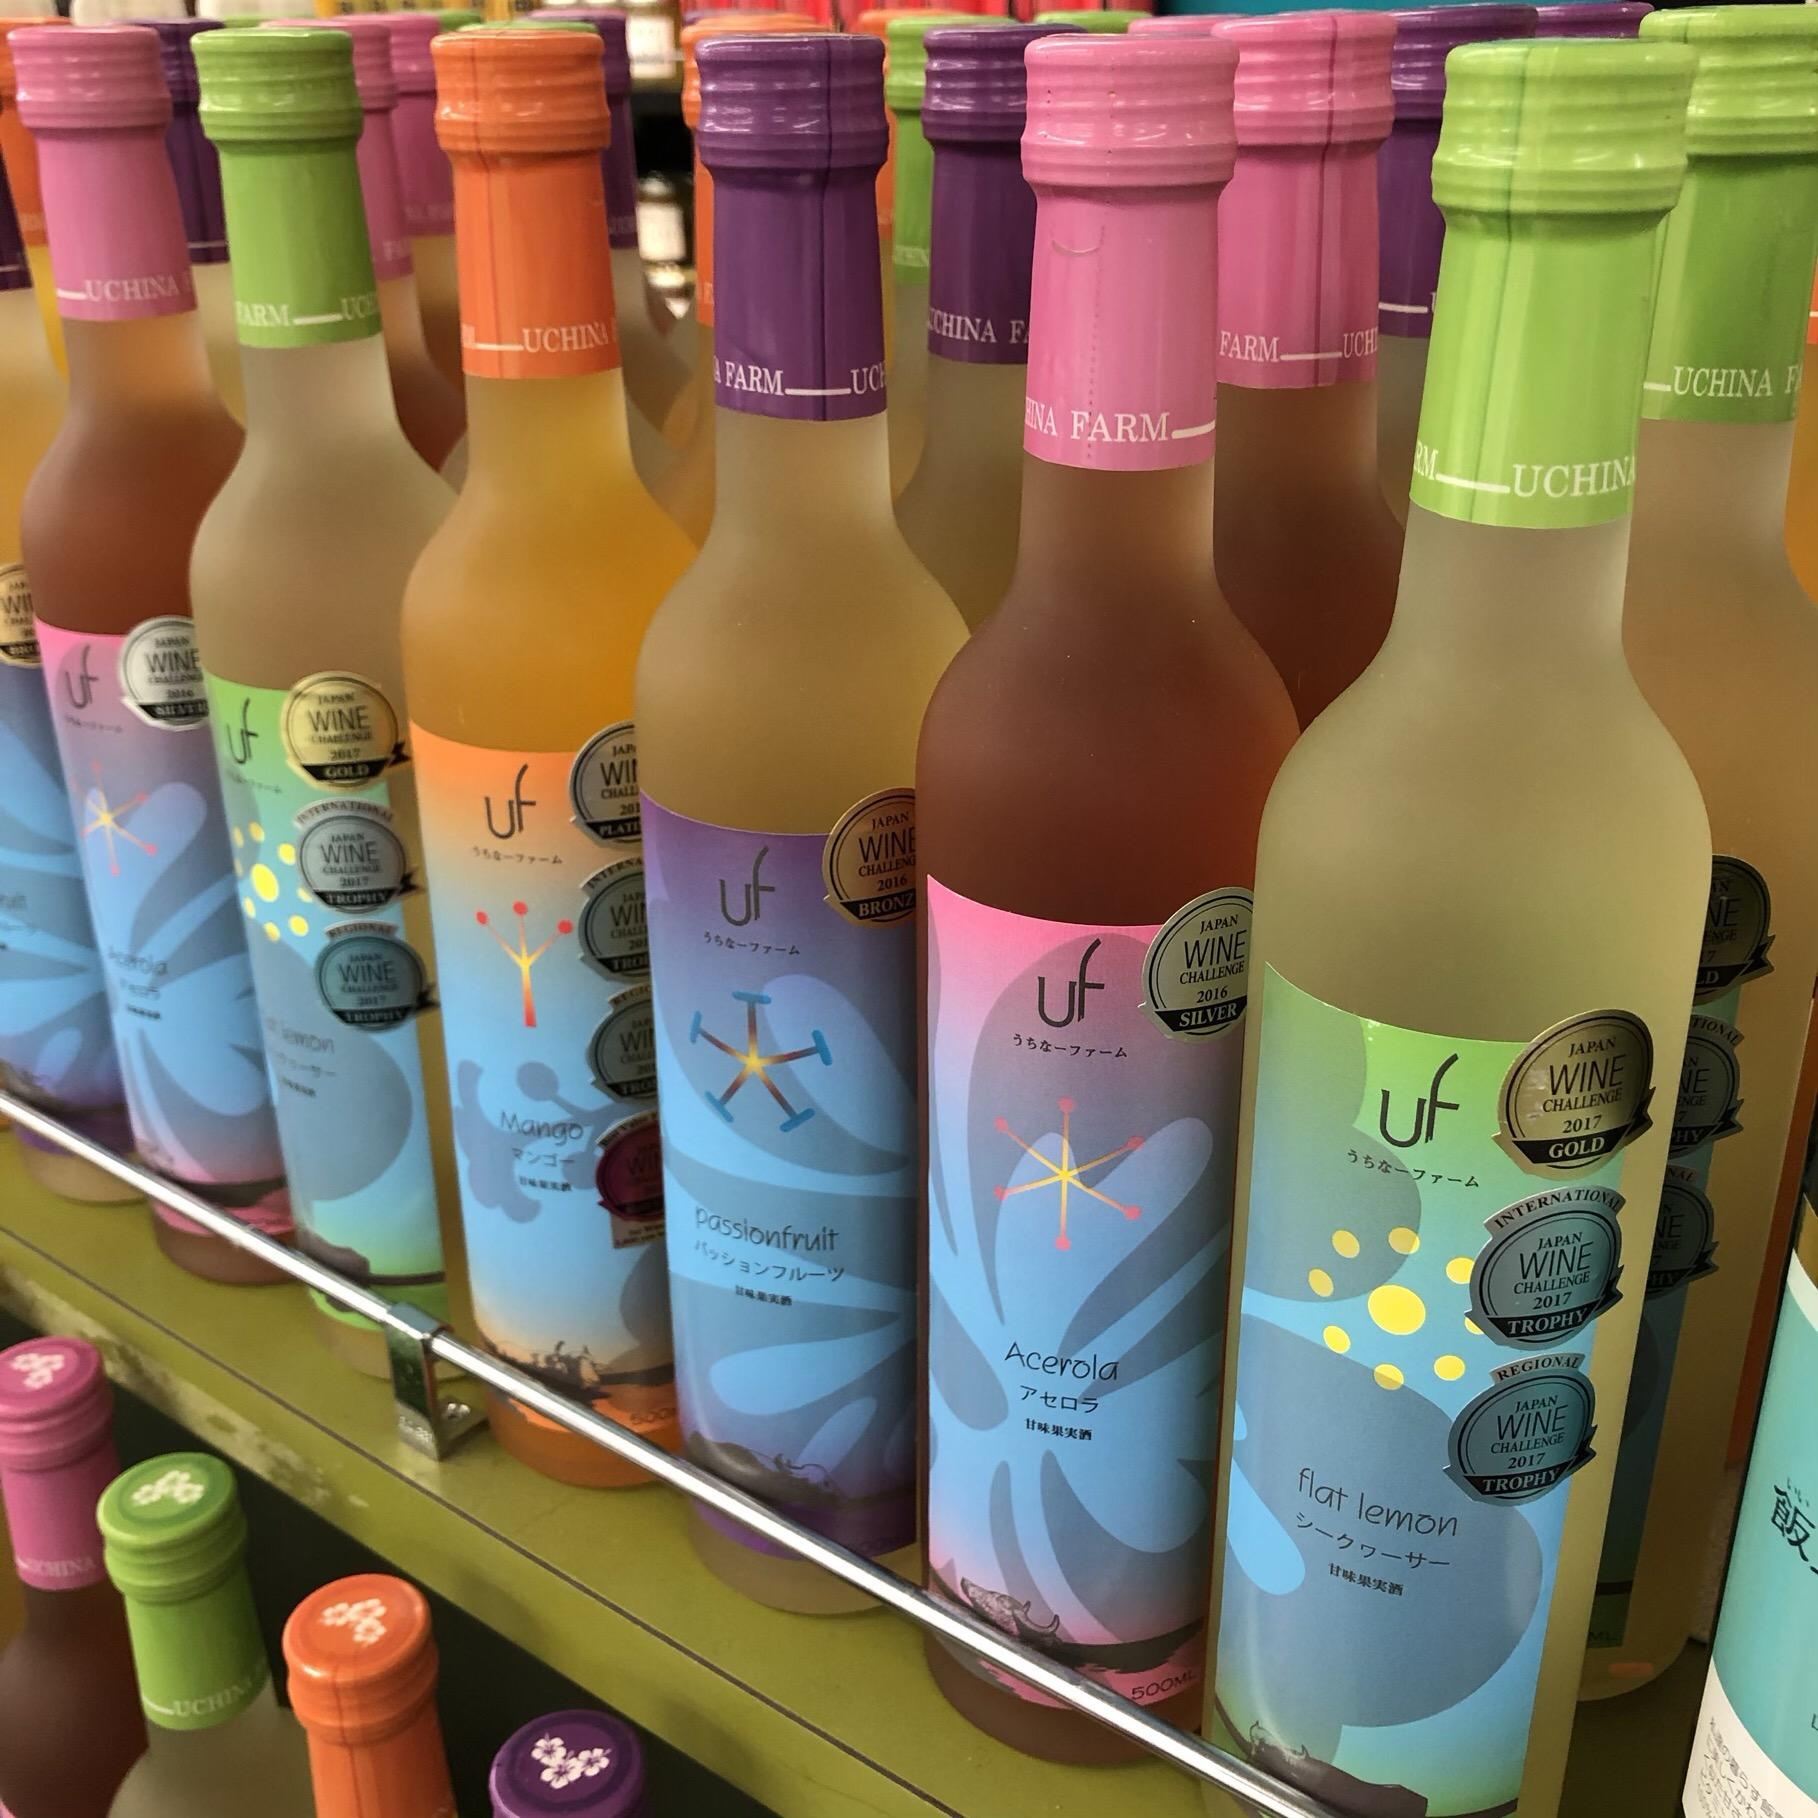 南国フルーツワイン!:画像